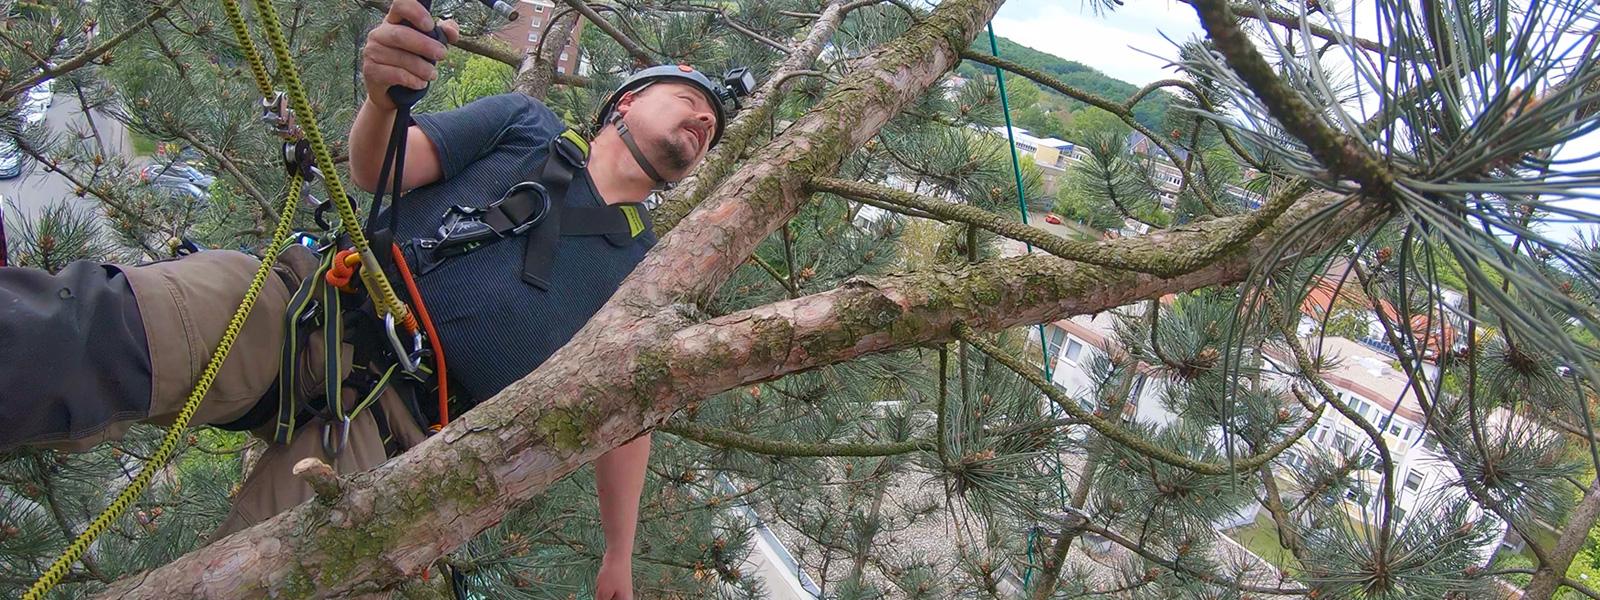 Tierrettung vom Baum - Katzenretter - Höhenrettung